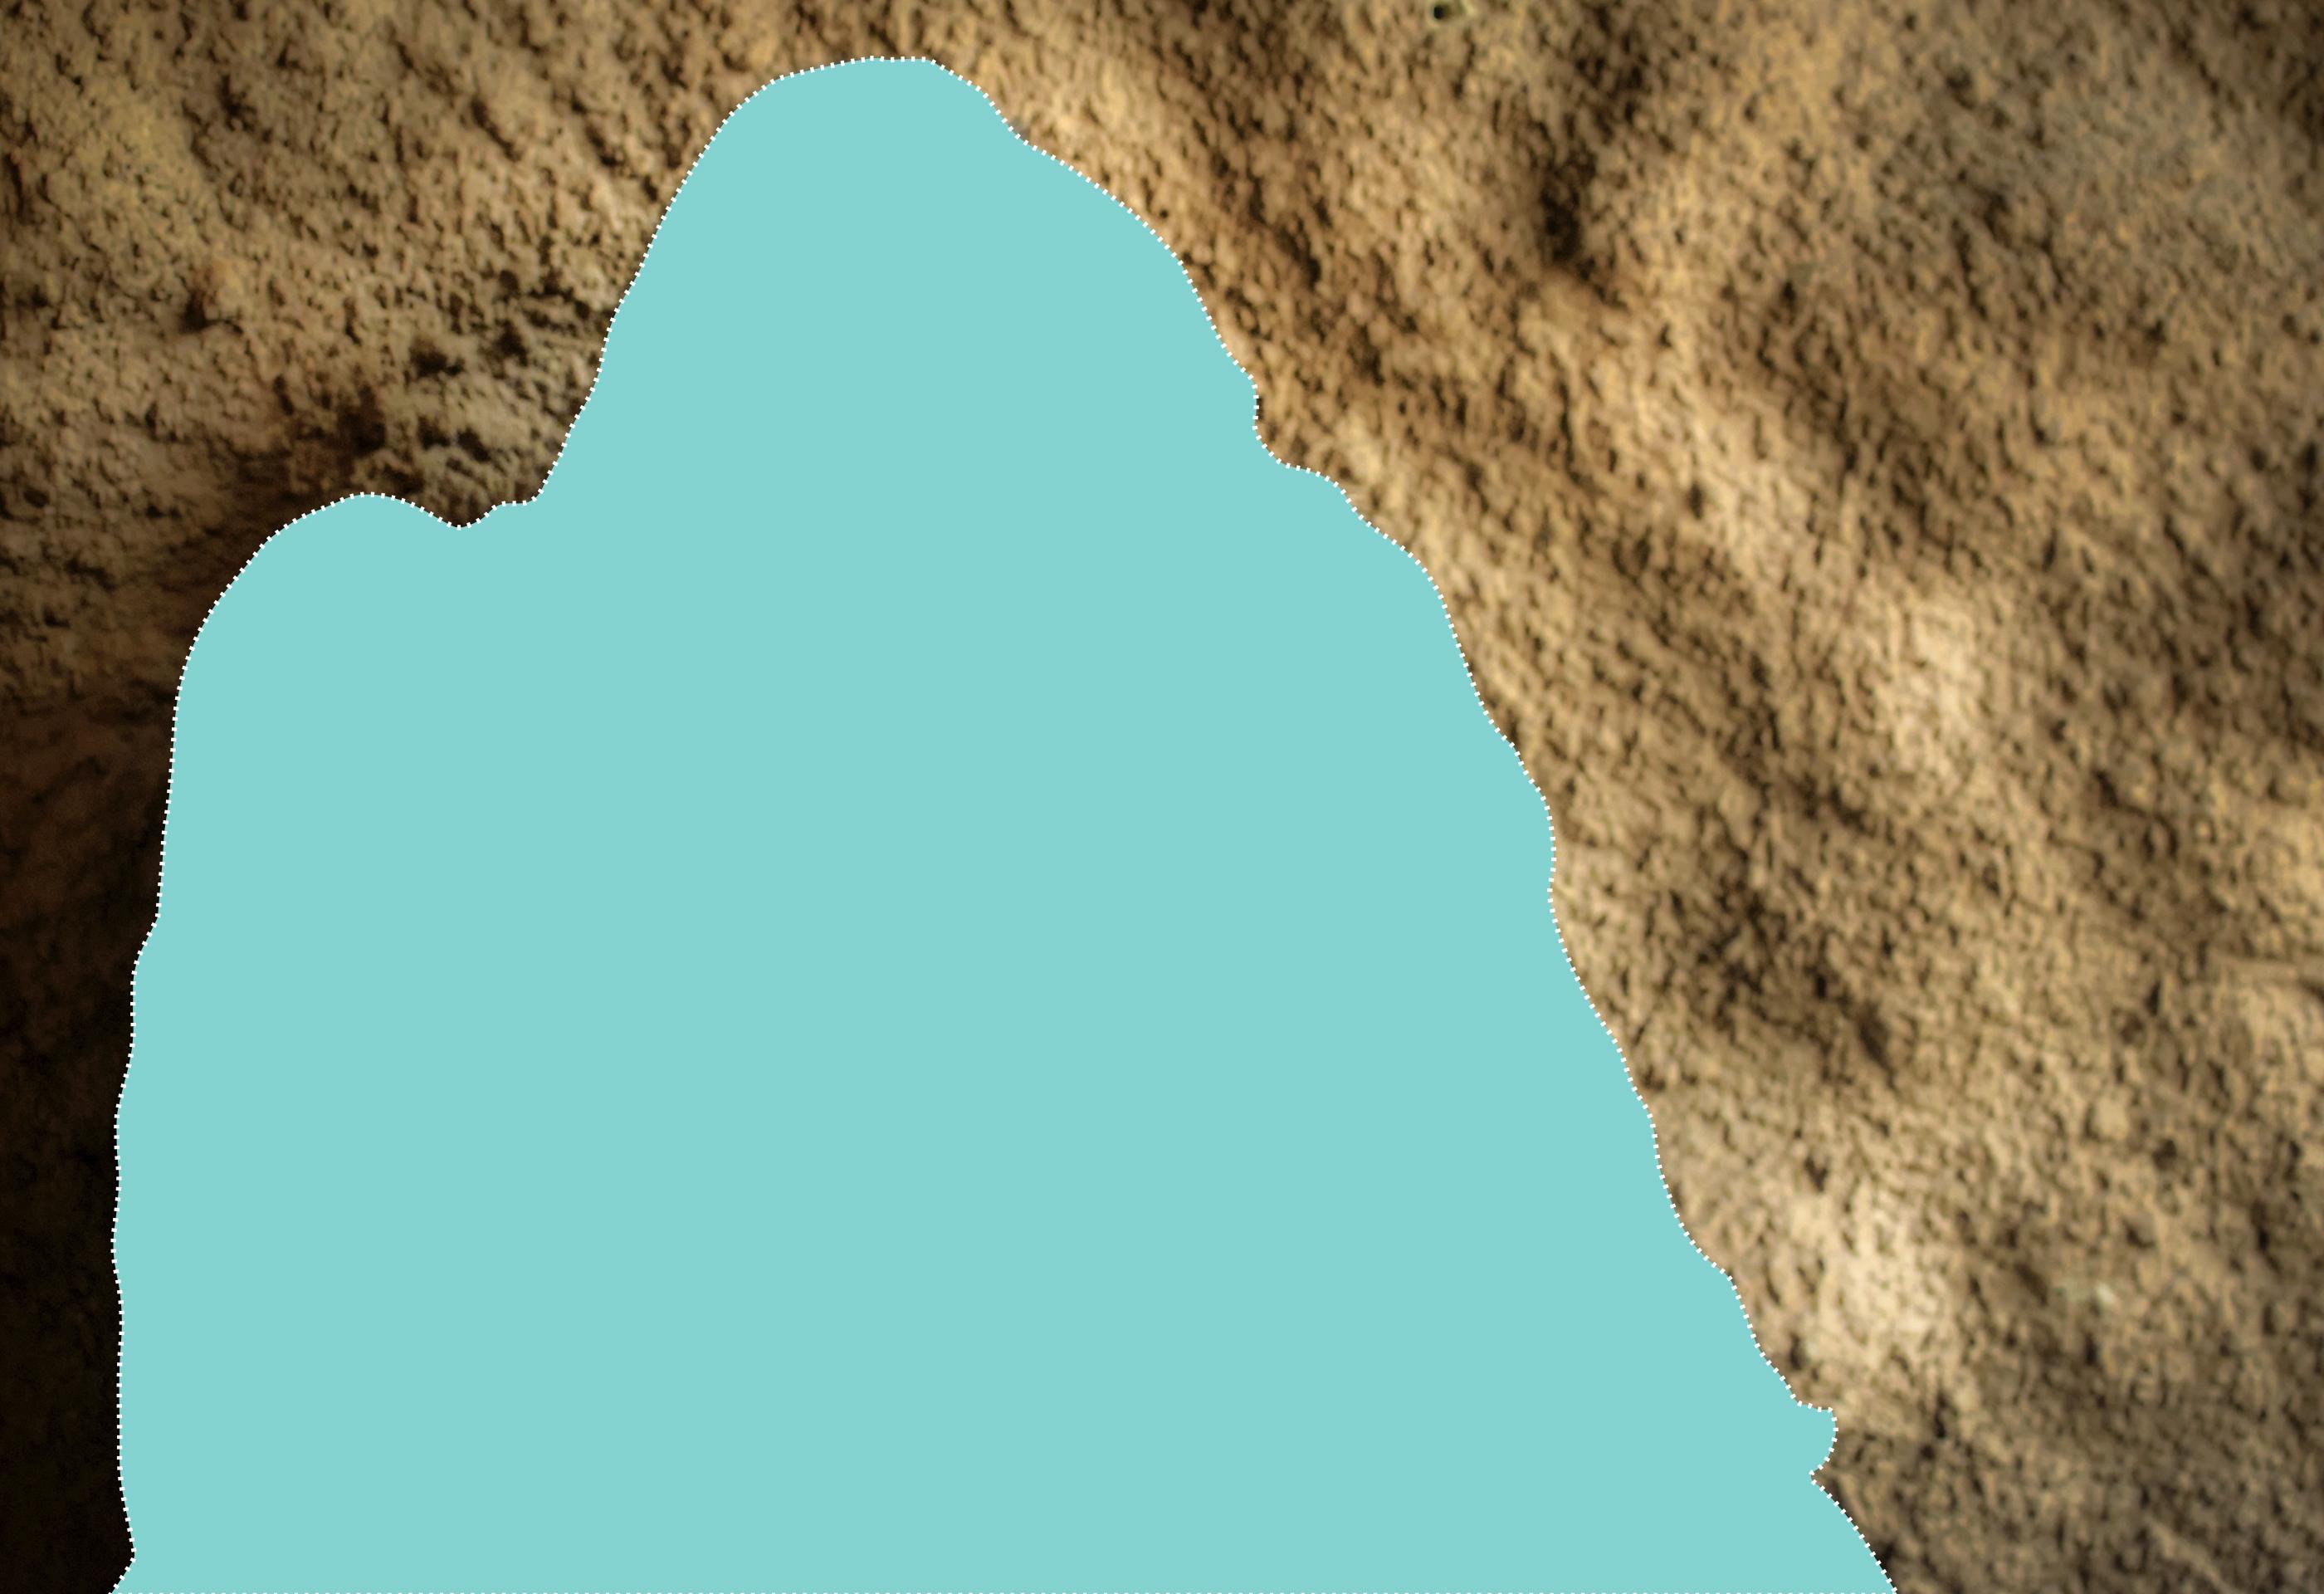 چٹان کے پس منظر میں ایک جانور کا خاکہ۔ (Shutterstock | ShareAmerica)